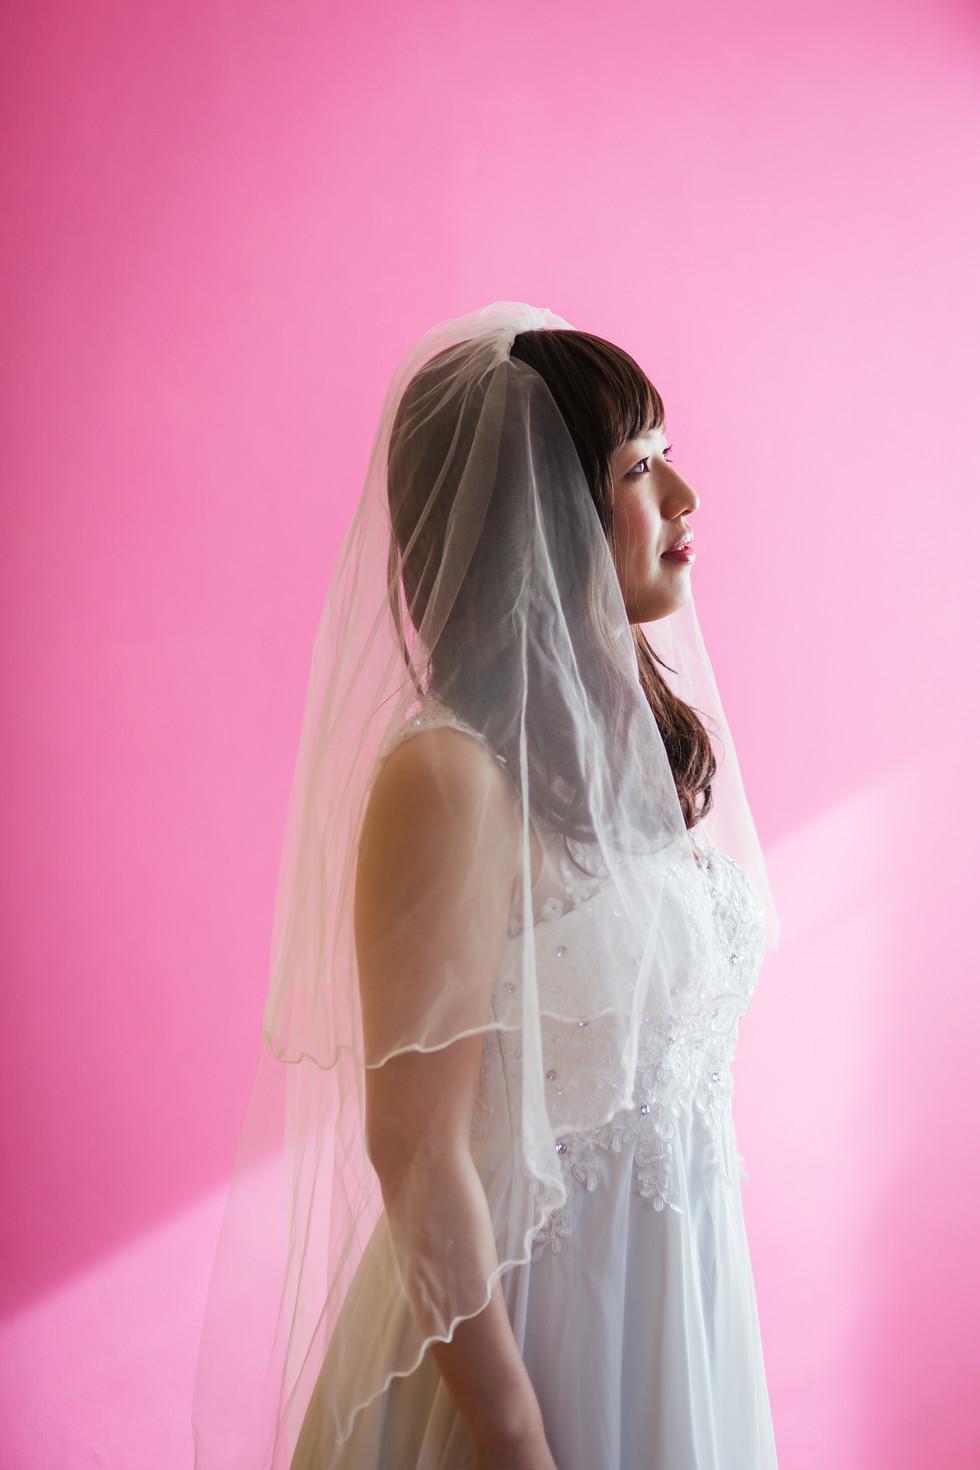 妹にしか届かない、宇宙からのメッセージにより、結婚写真を撮ることにした。